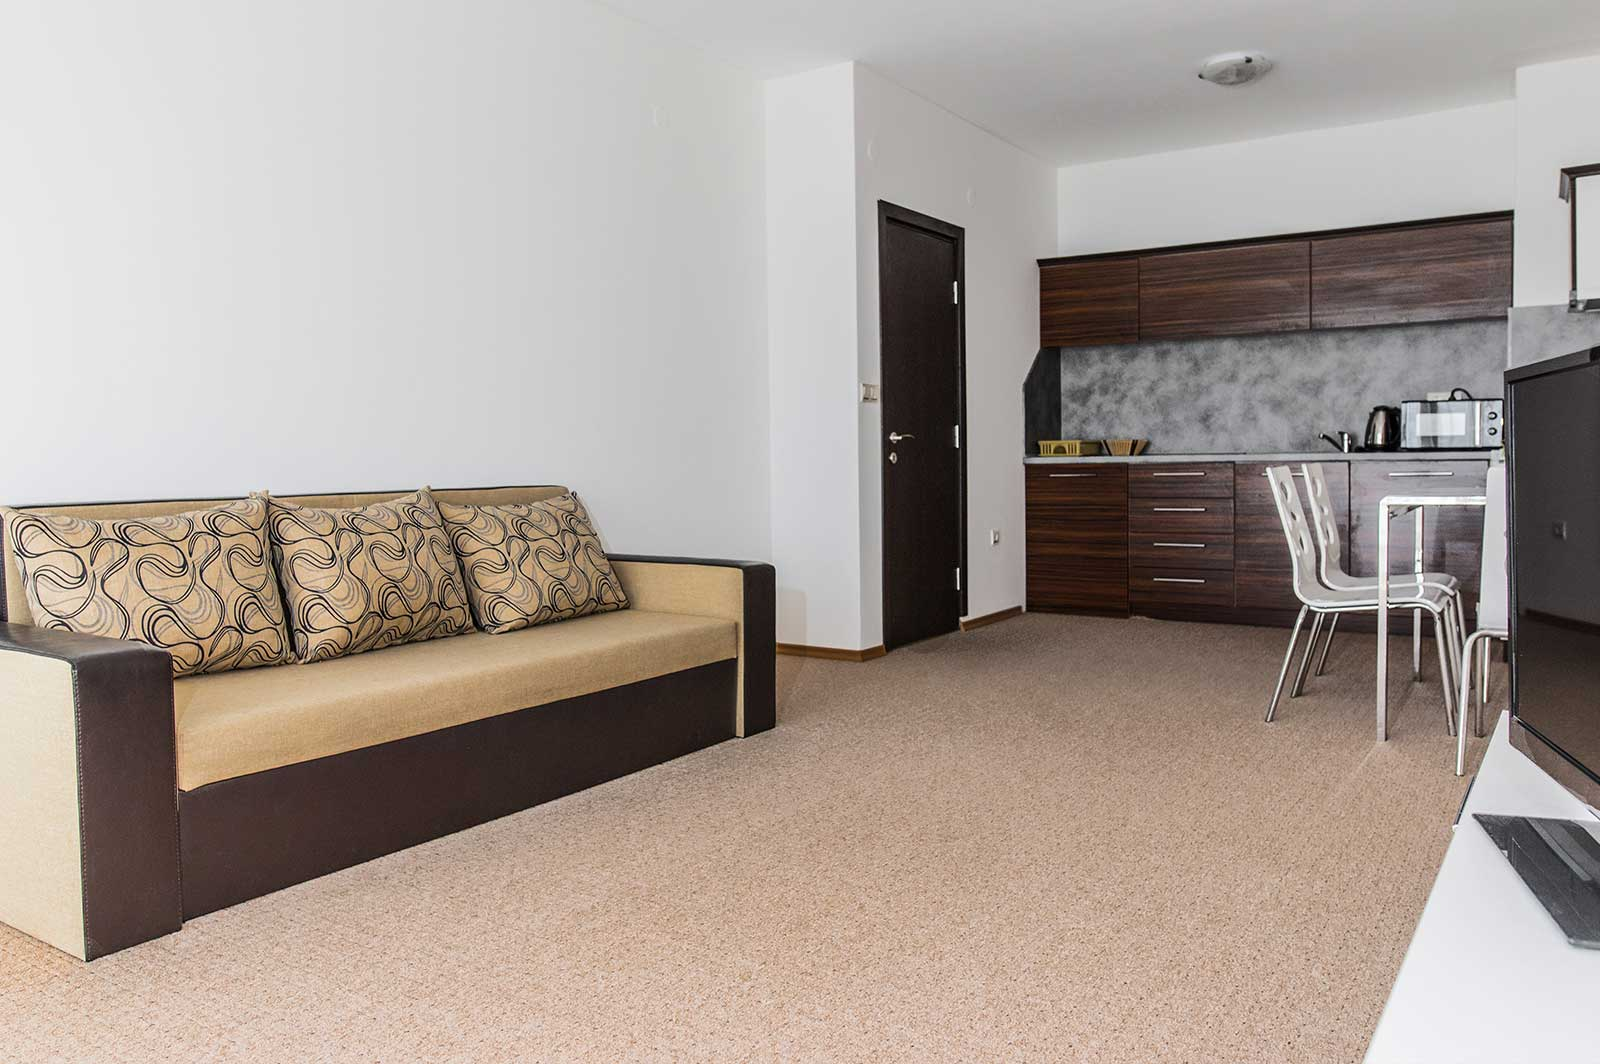 Apartament-Hotel-Primea-Tsarevo